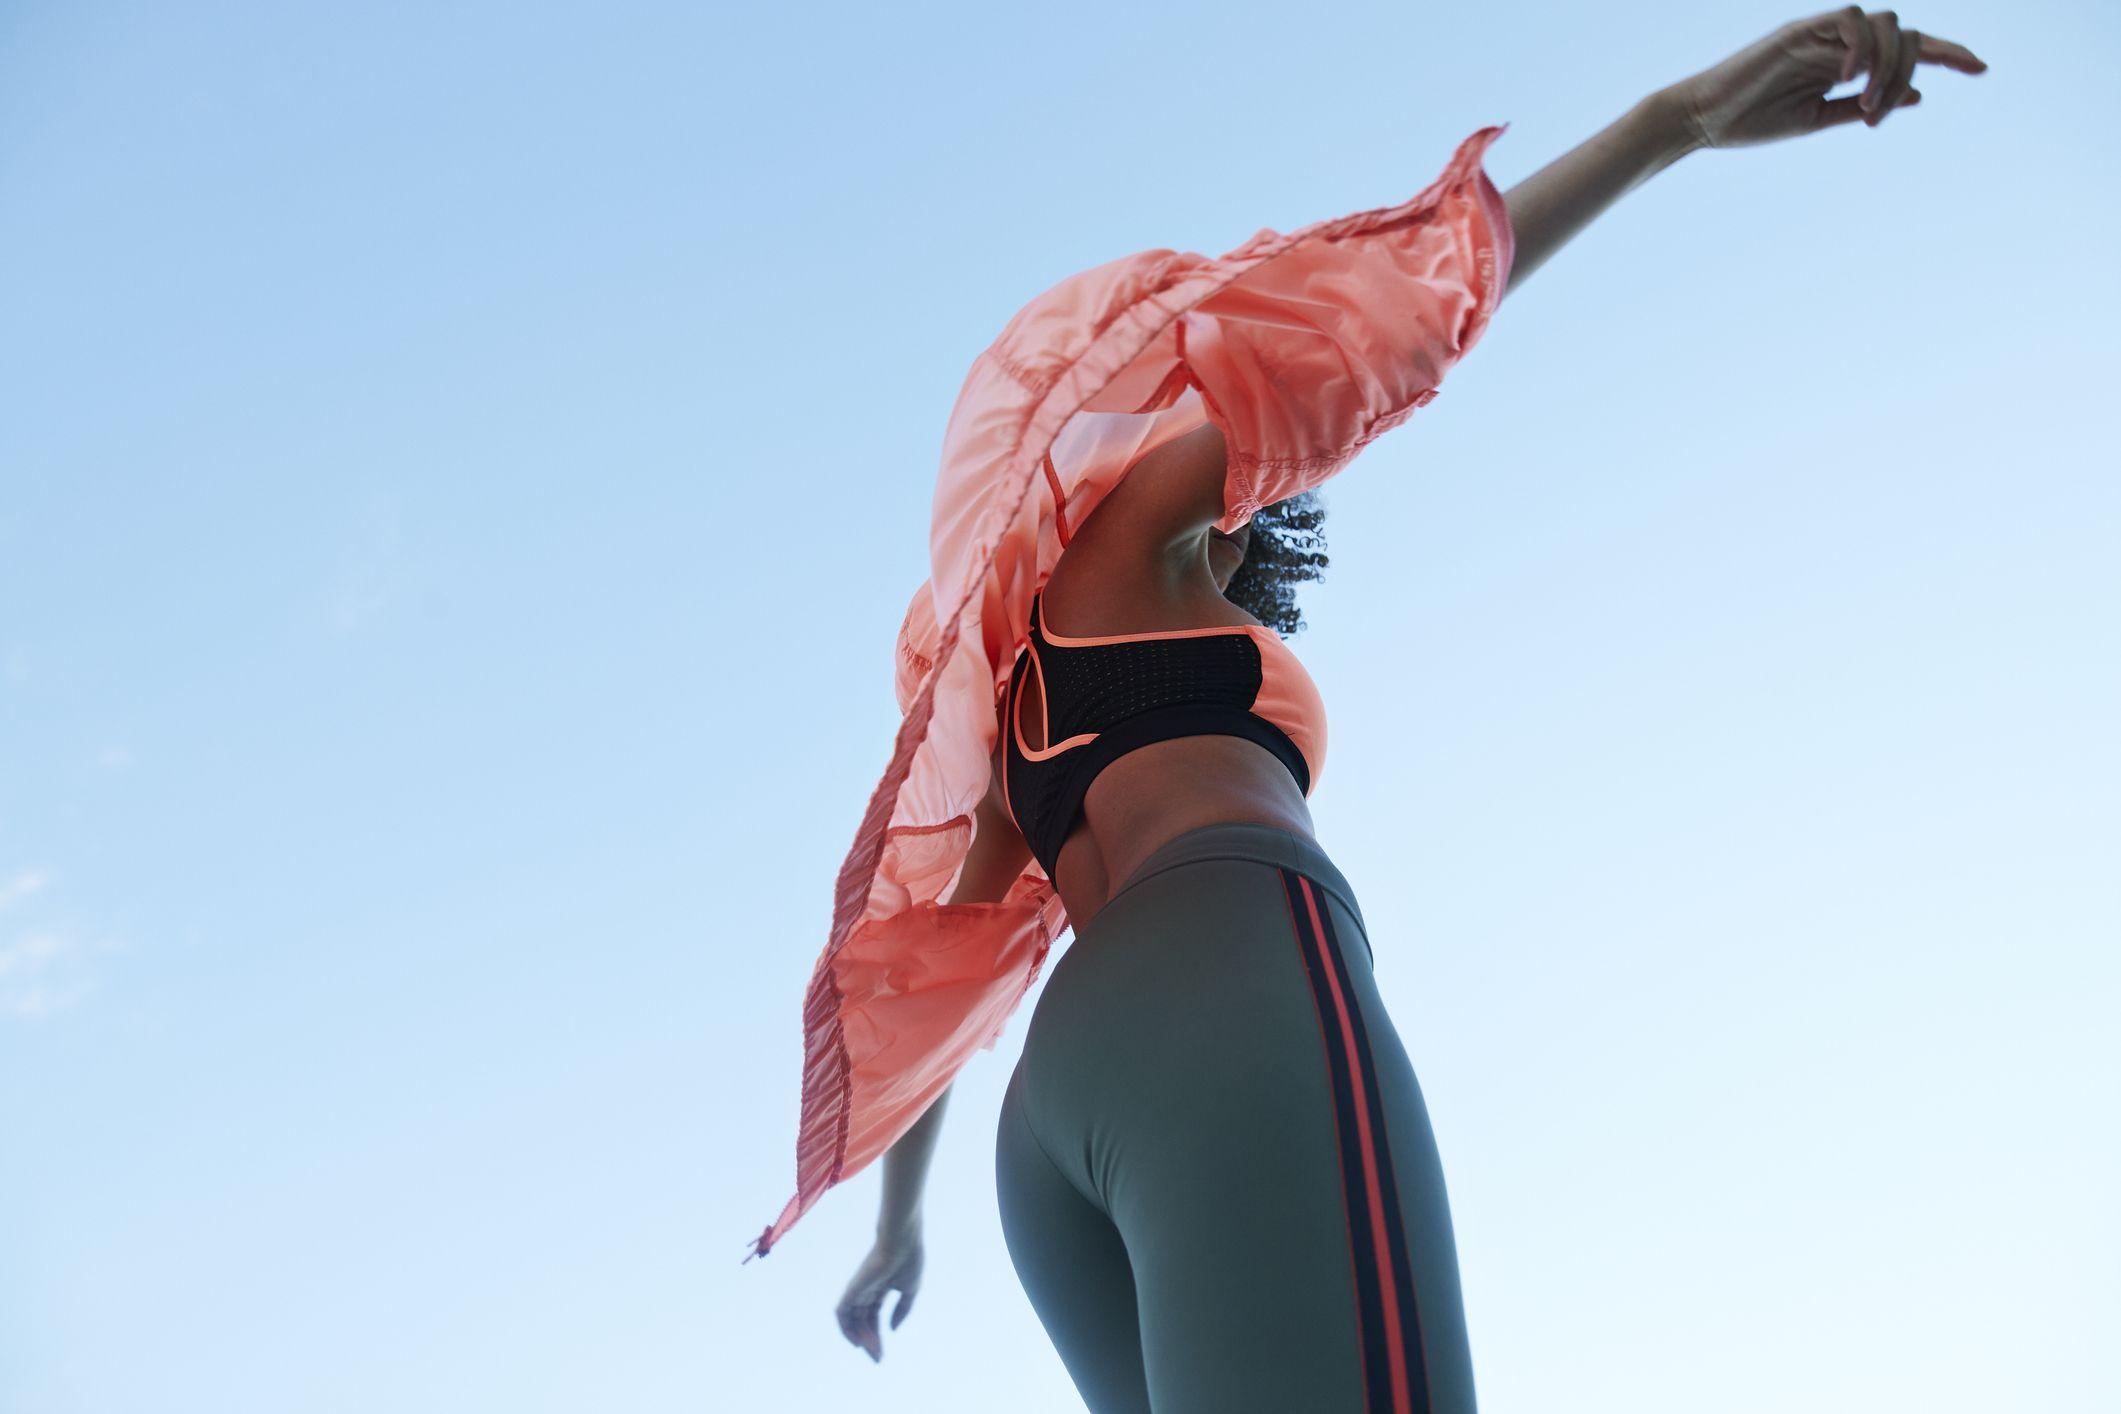 Ebbene sì, un marchio activewear ha inventato i vestiti che migliorano la postura e rilassano i muscoli (WOW)